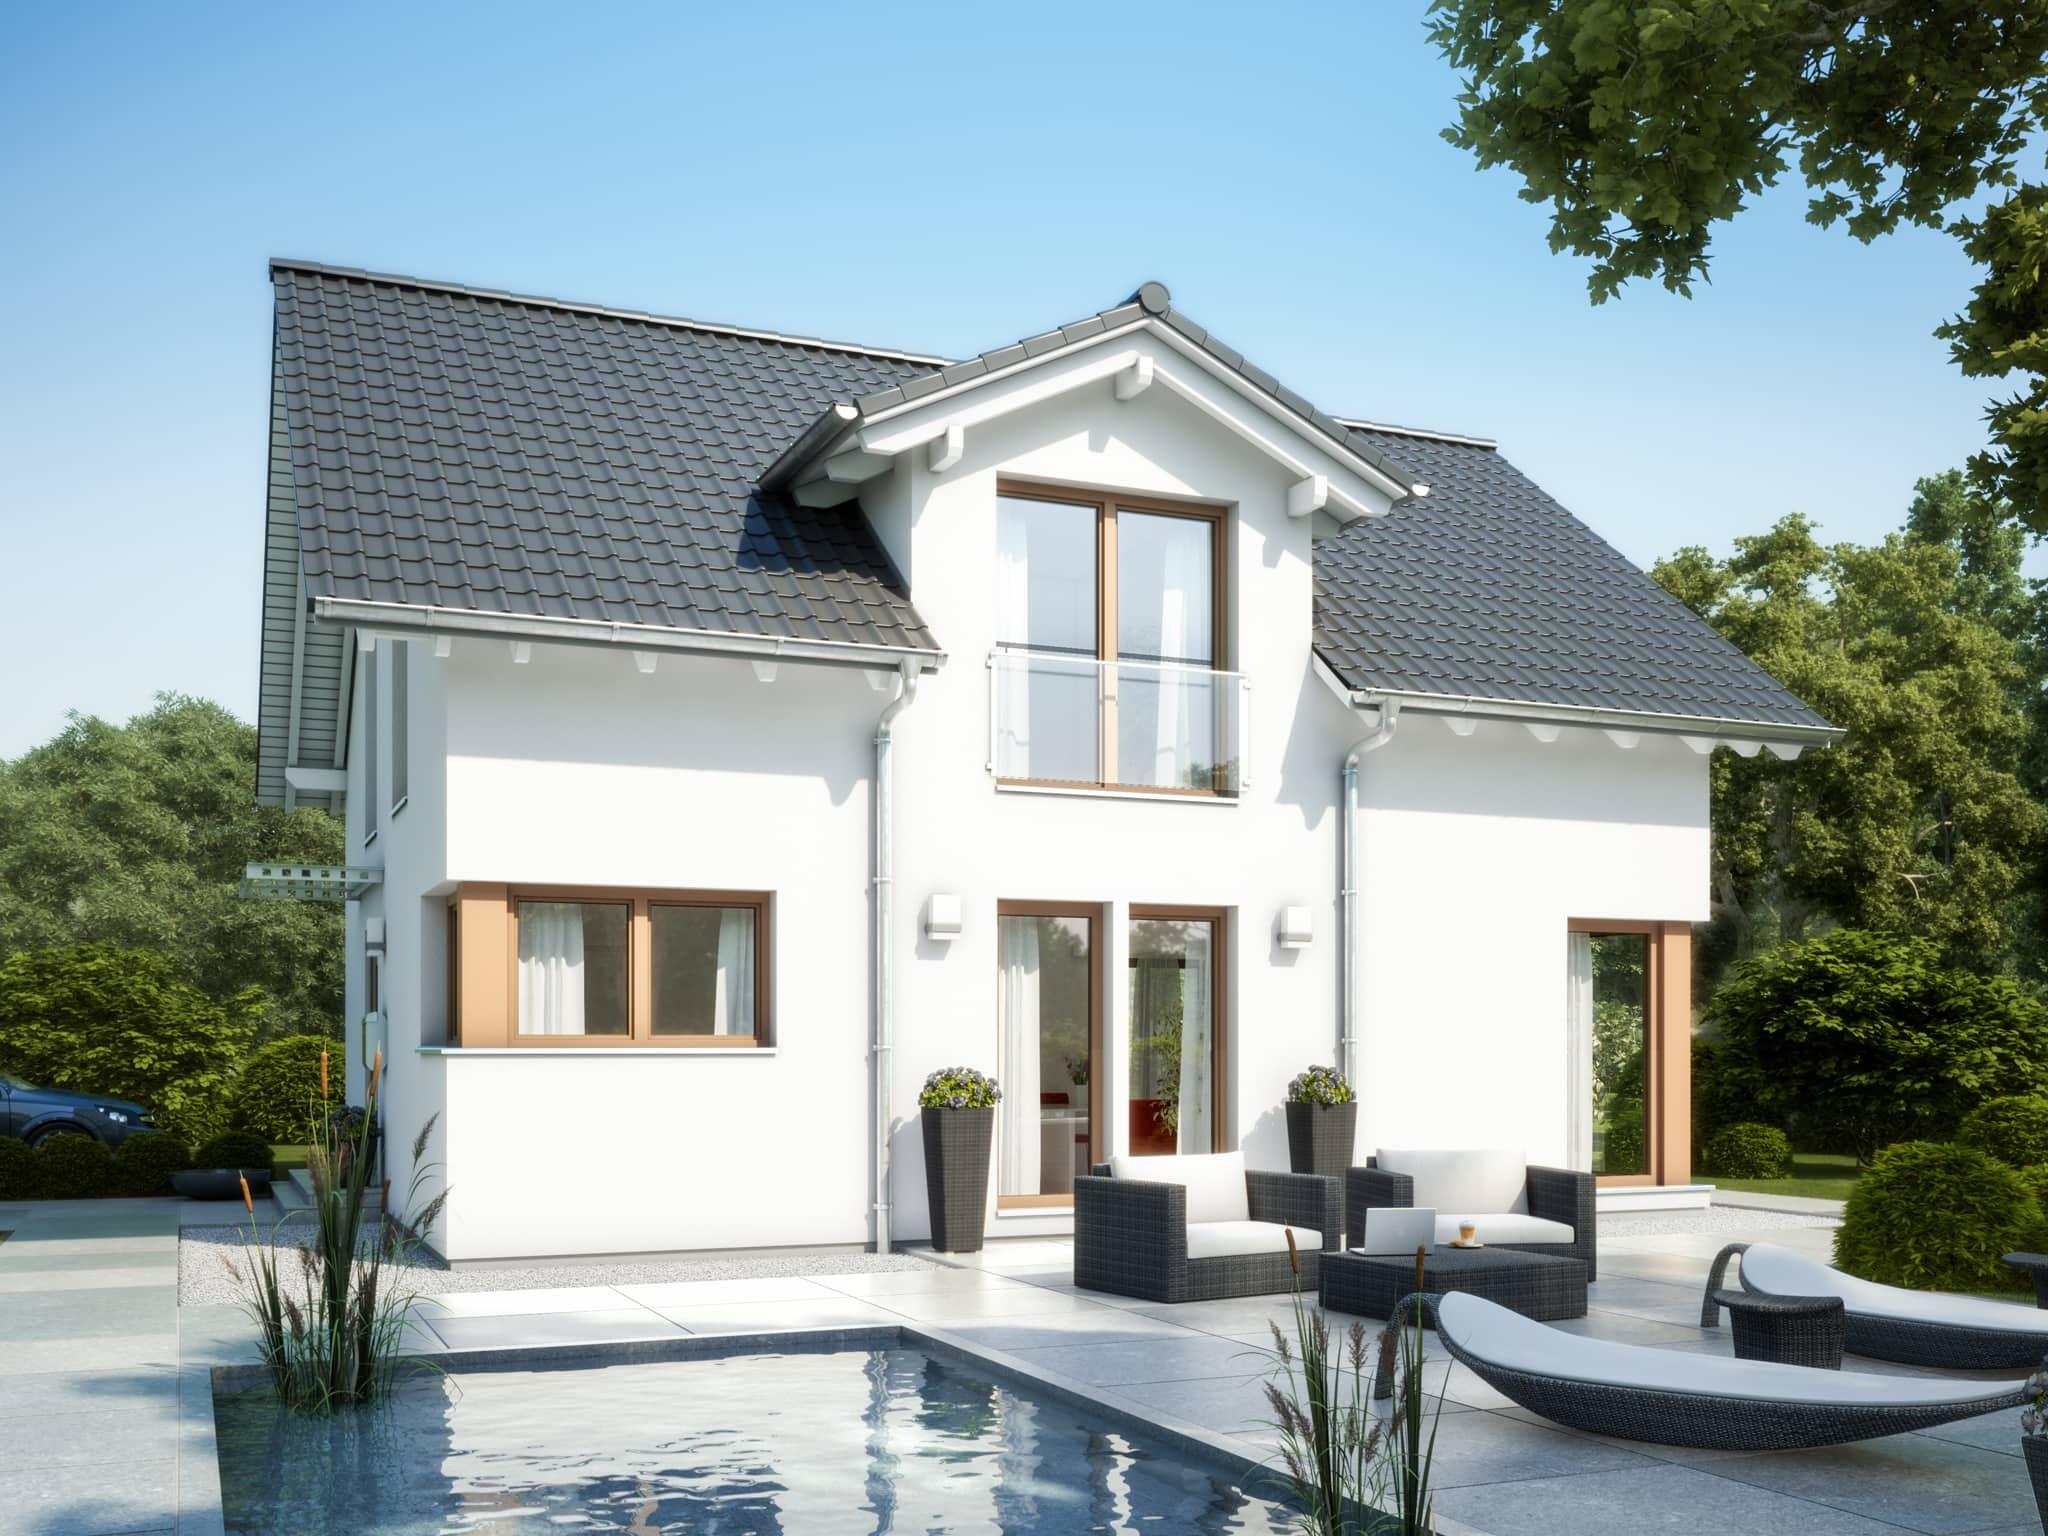 Modernes Einfamilienhaus mit Satteldach Architektur & Zwerchgiebel - Haus bauen Ideen Bien Zenker Fertighaus EVOLUTION 134 V3 - HausbauDirekt.de